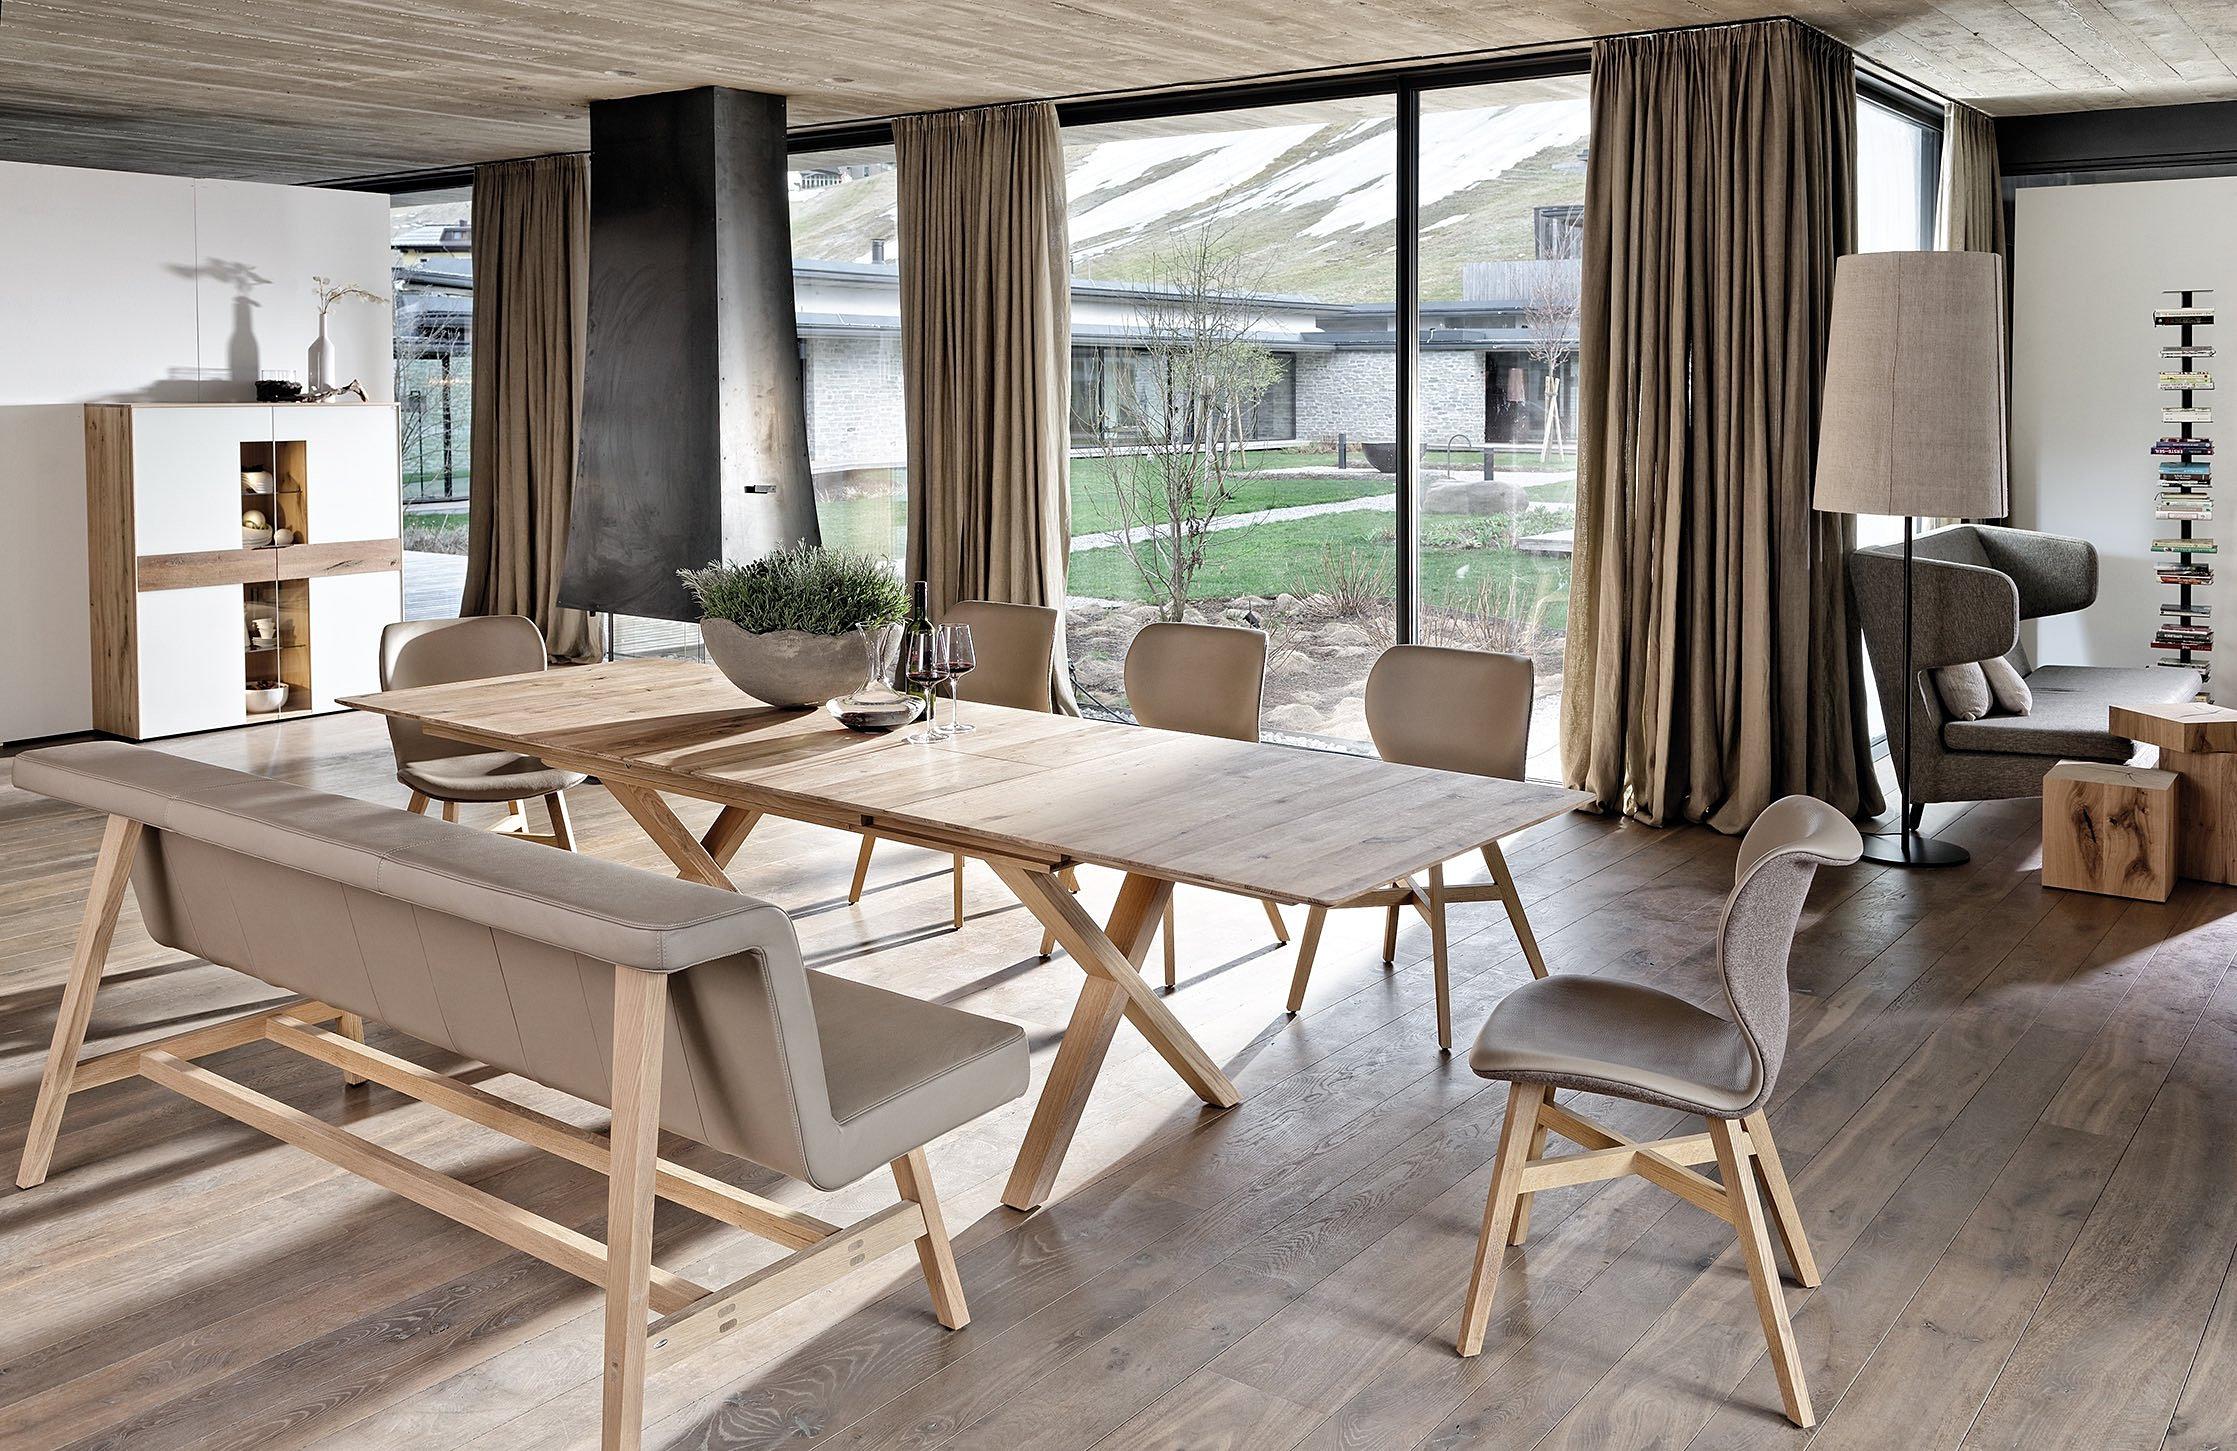 das naturm belhaus in luxemburg miwwelhaus koeune und die wohnfabrik tischgruppe mit bank. Black Bedroom Furniture Sets. Home Design Ideas